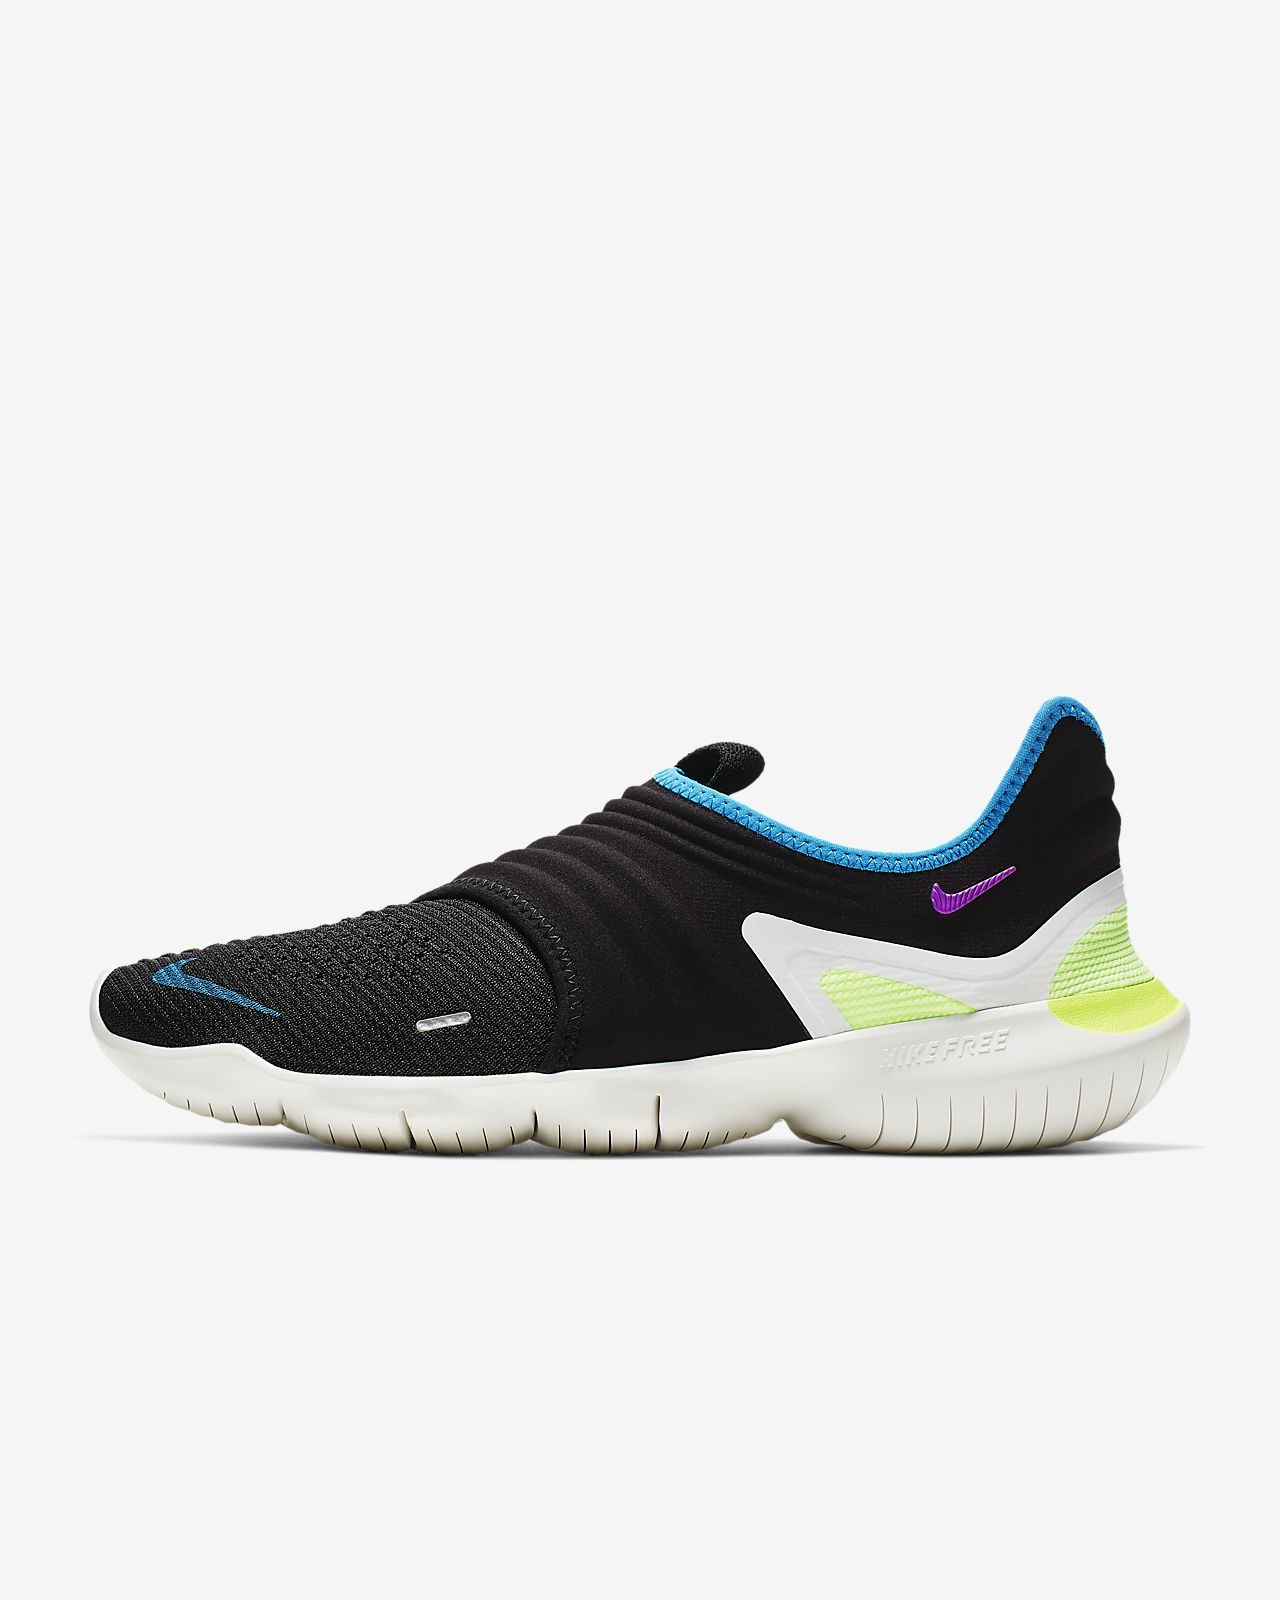 Nike Free RN Flyknit 3.0 Herren-Laufschuh